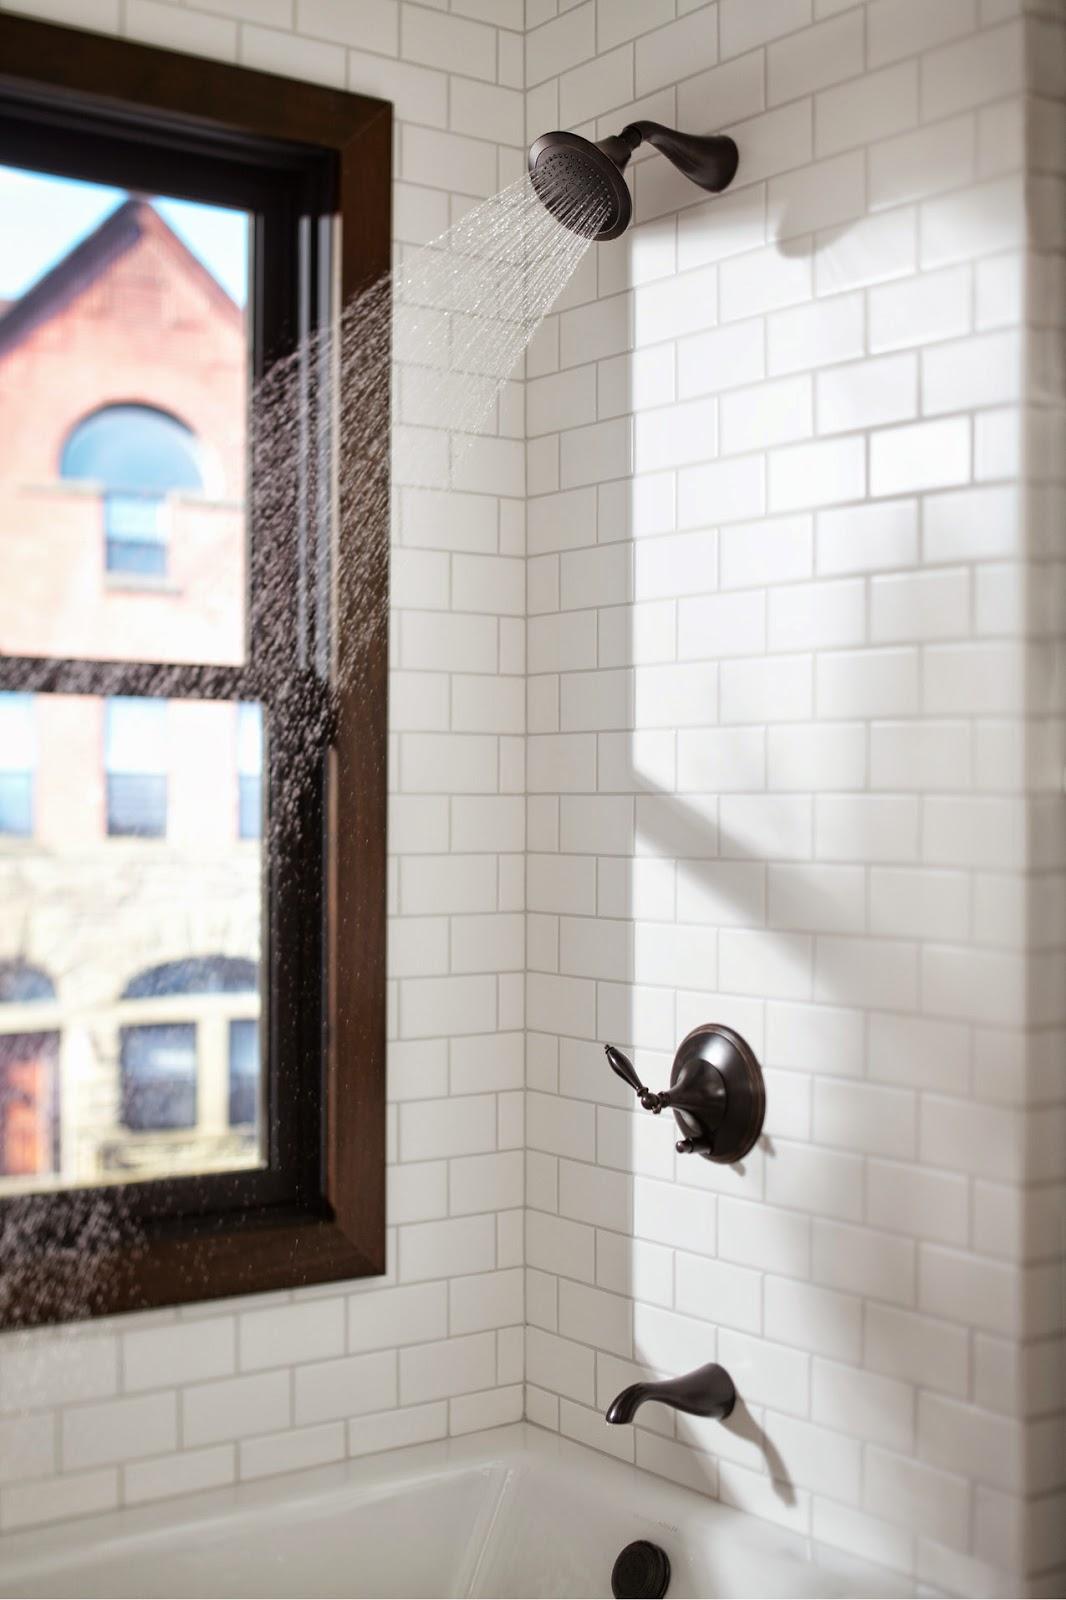 Chiếc vòi hoa sen được ưu ái thêm cửa sổ thoáng mát